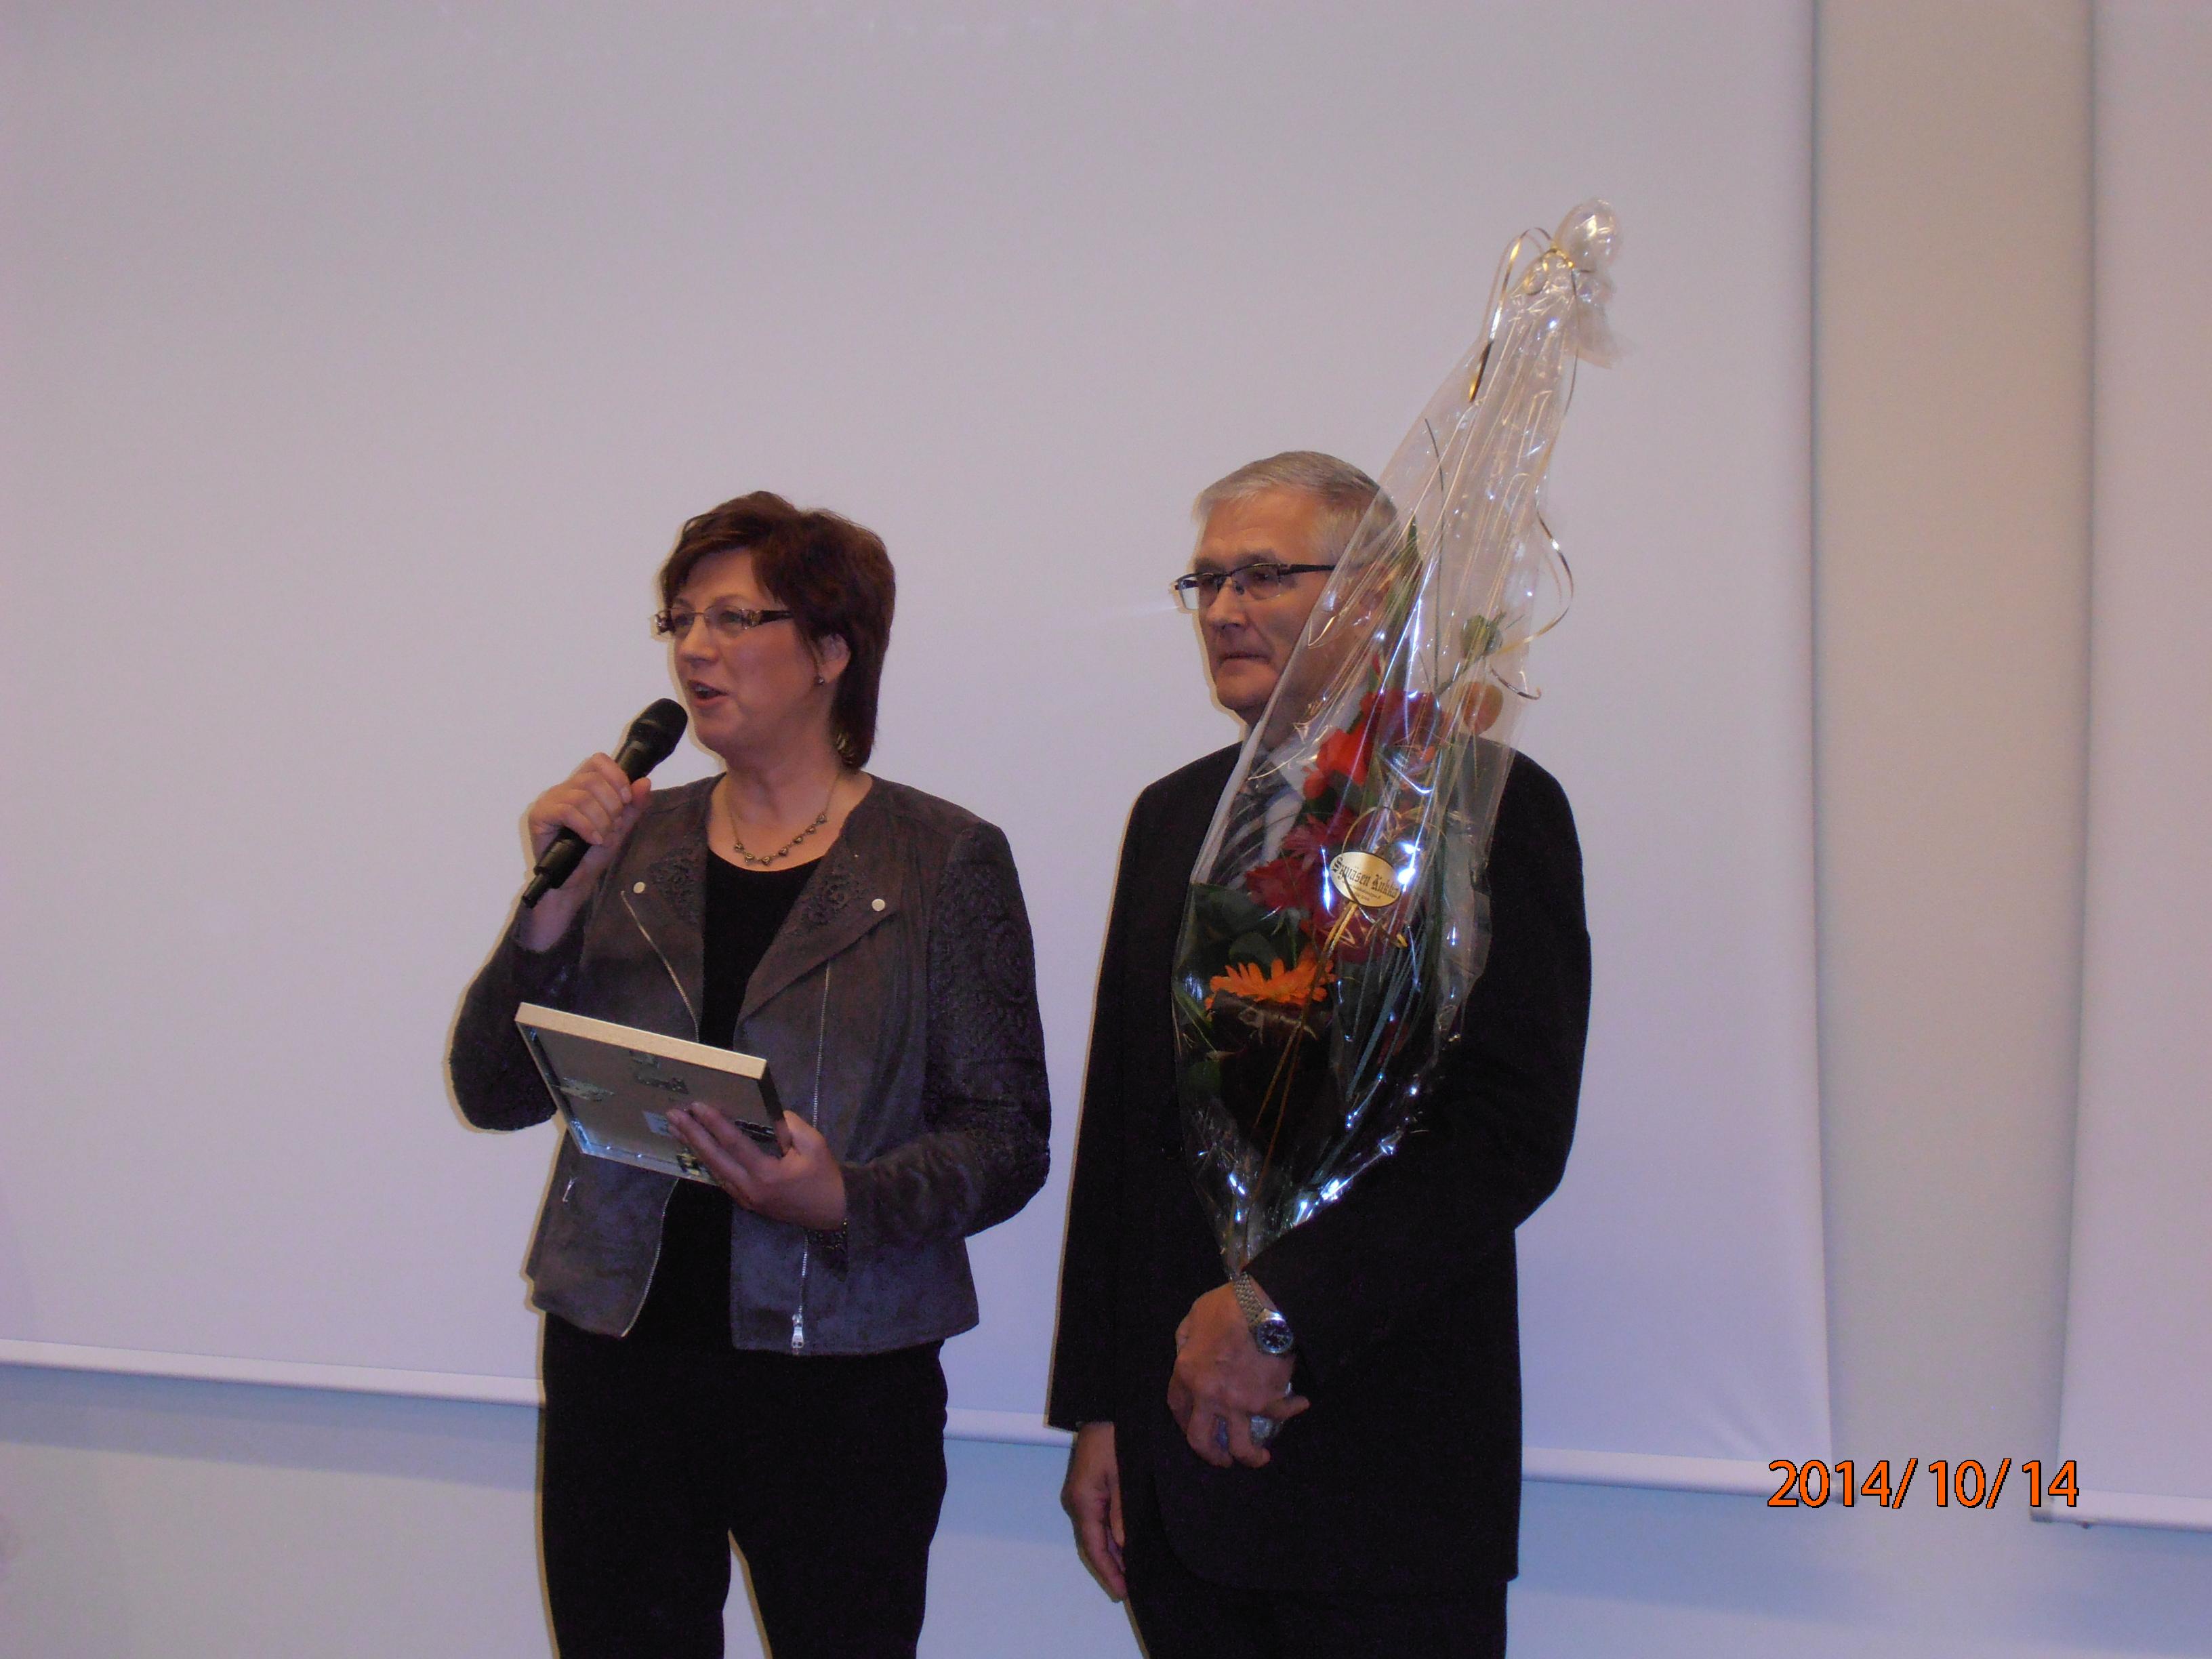 Palkinnon vastaanotti Arja Huovinen ja Eero Lammi.